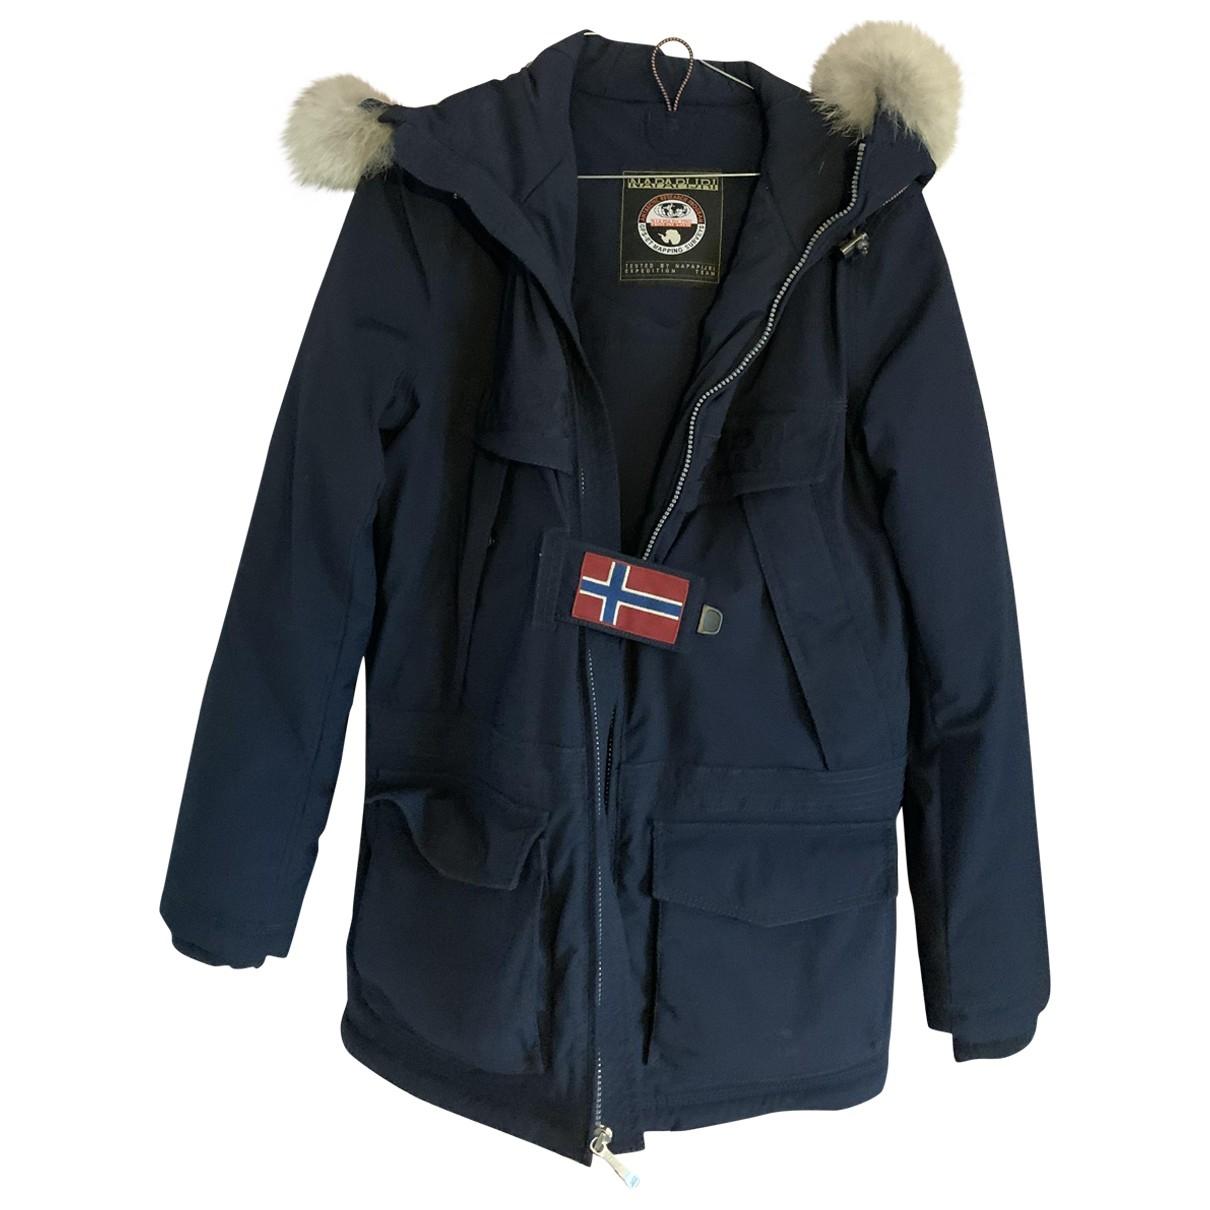 Napapijri - Manteau   pour femme - dore